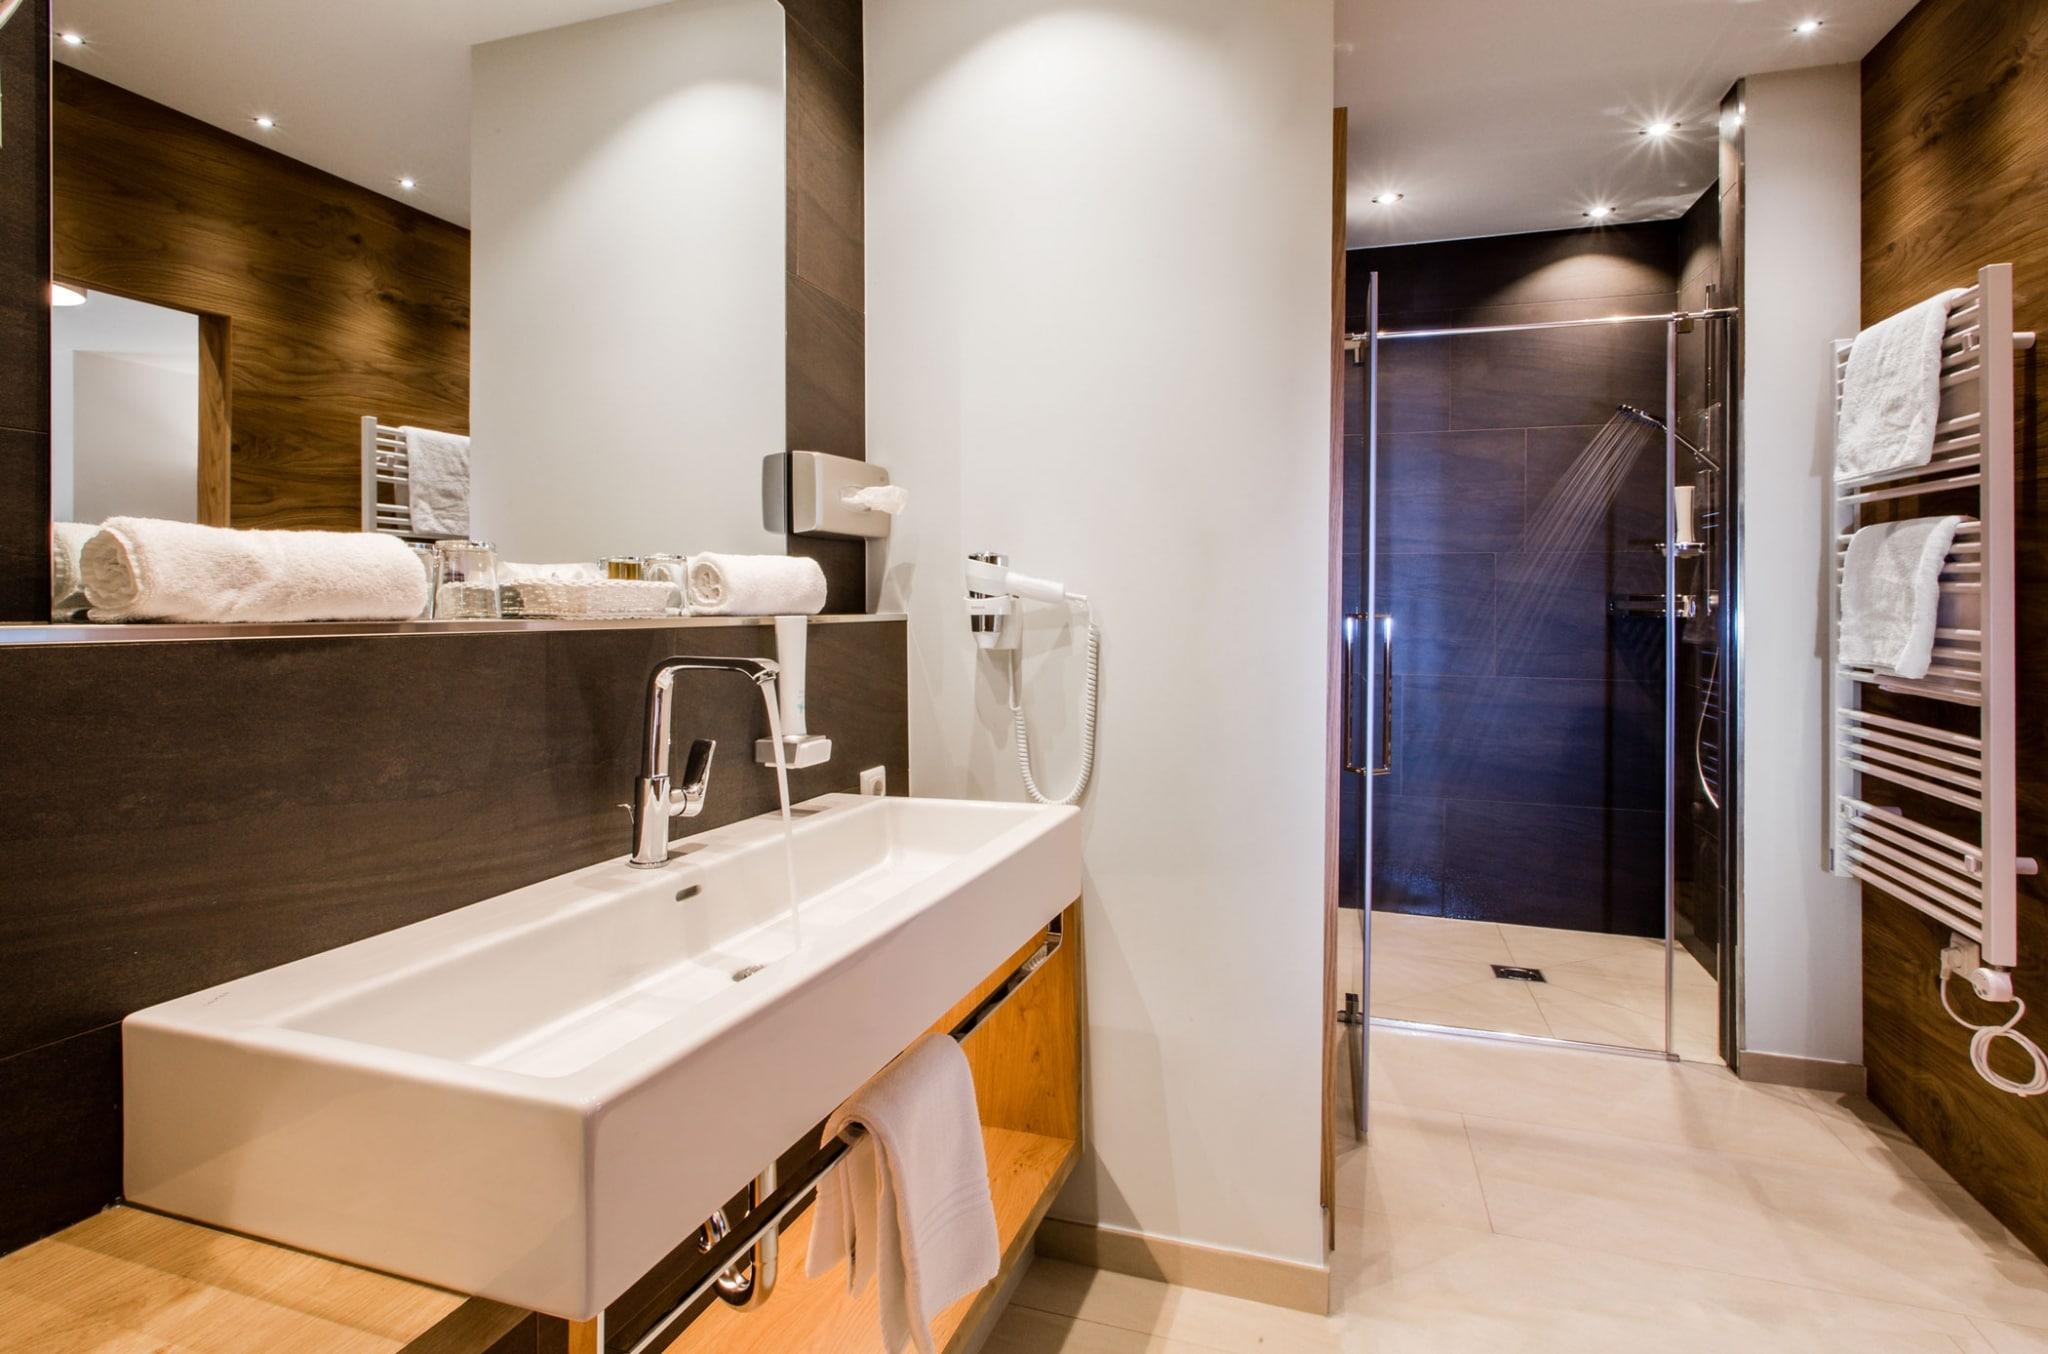 Hotel Hasenauer Badezimmer